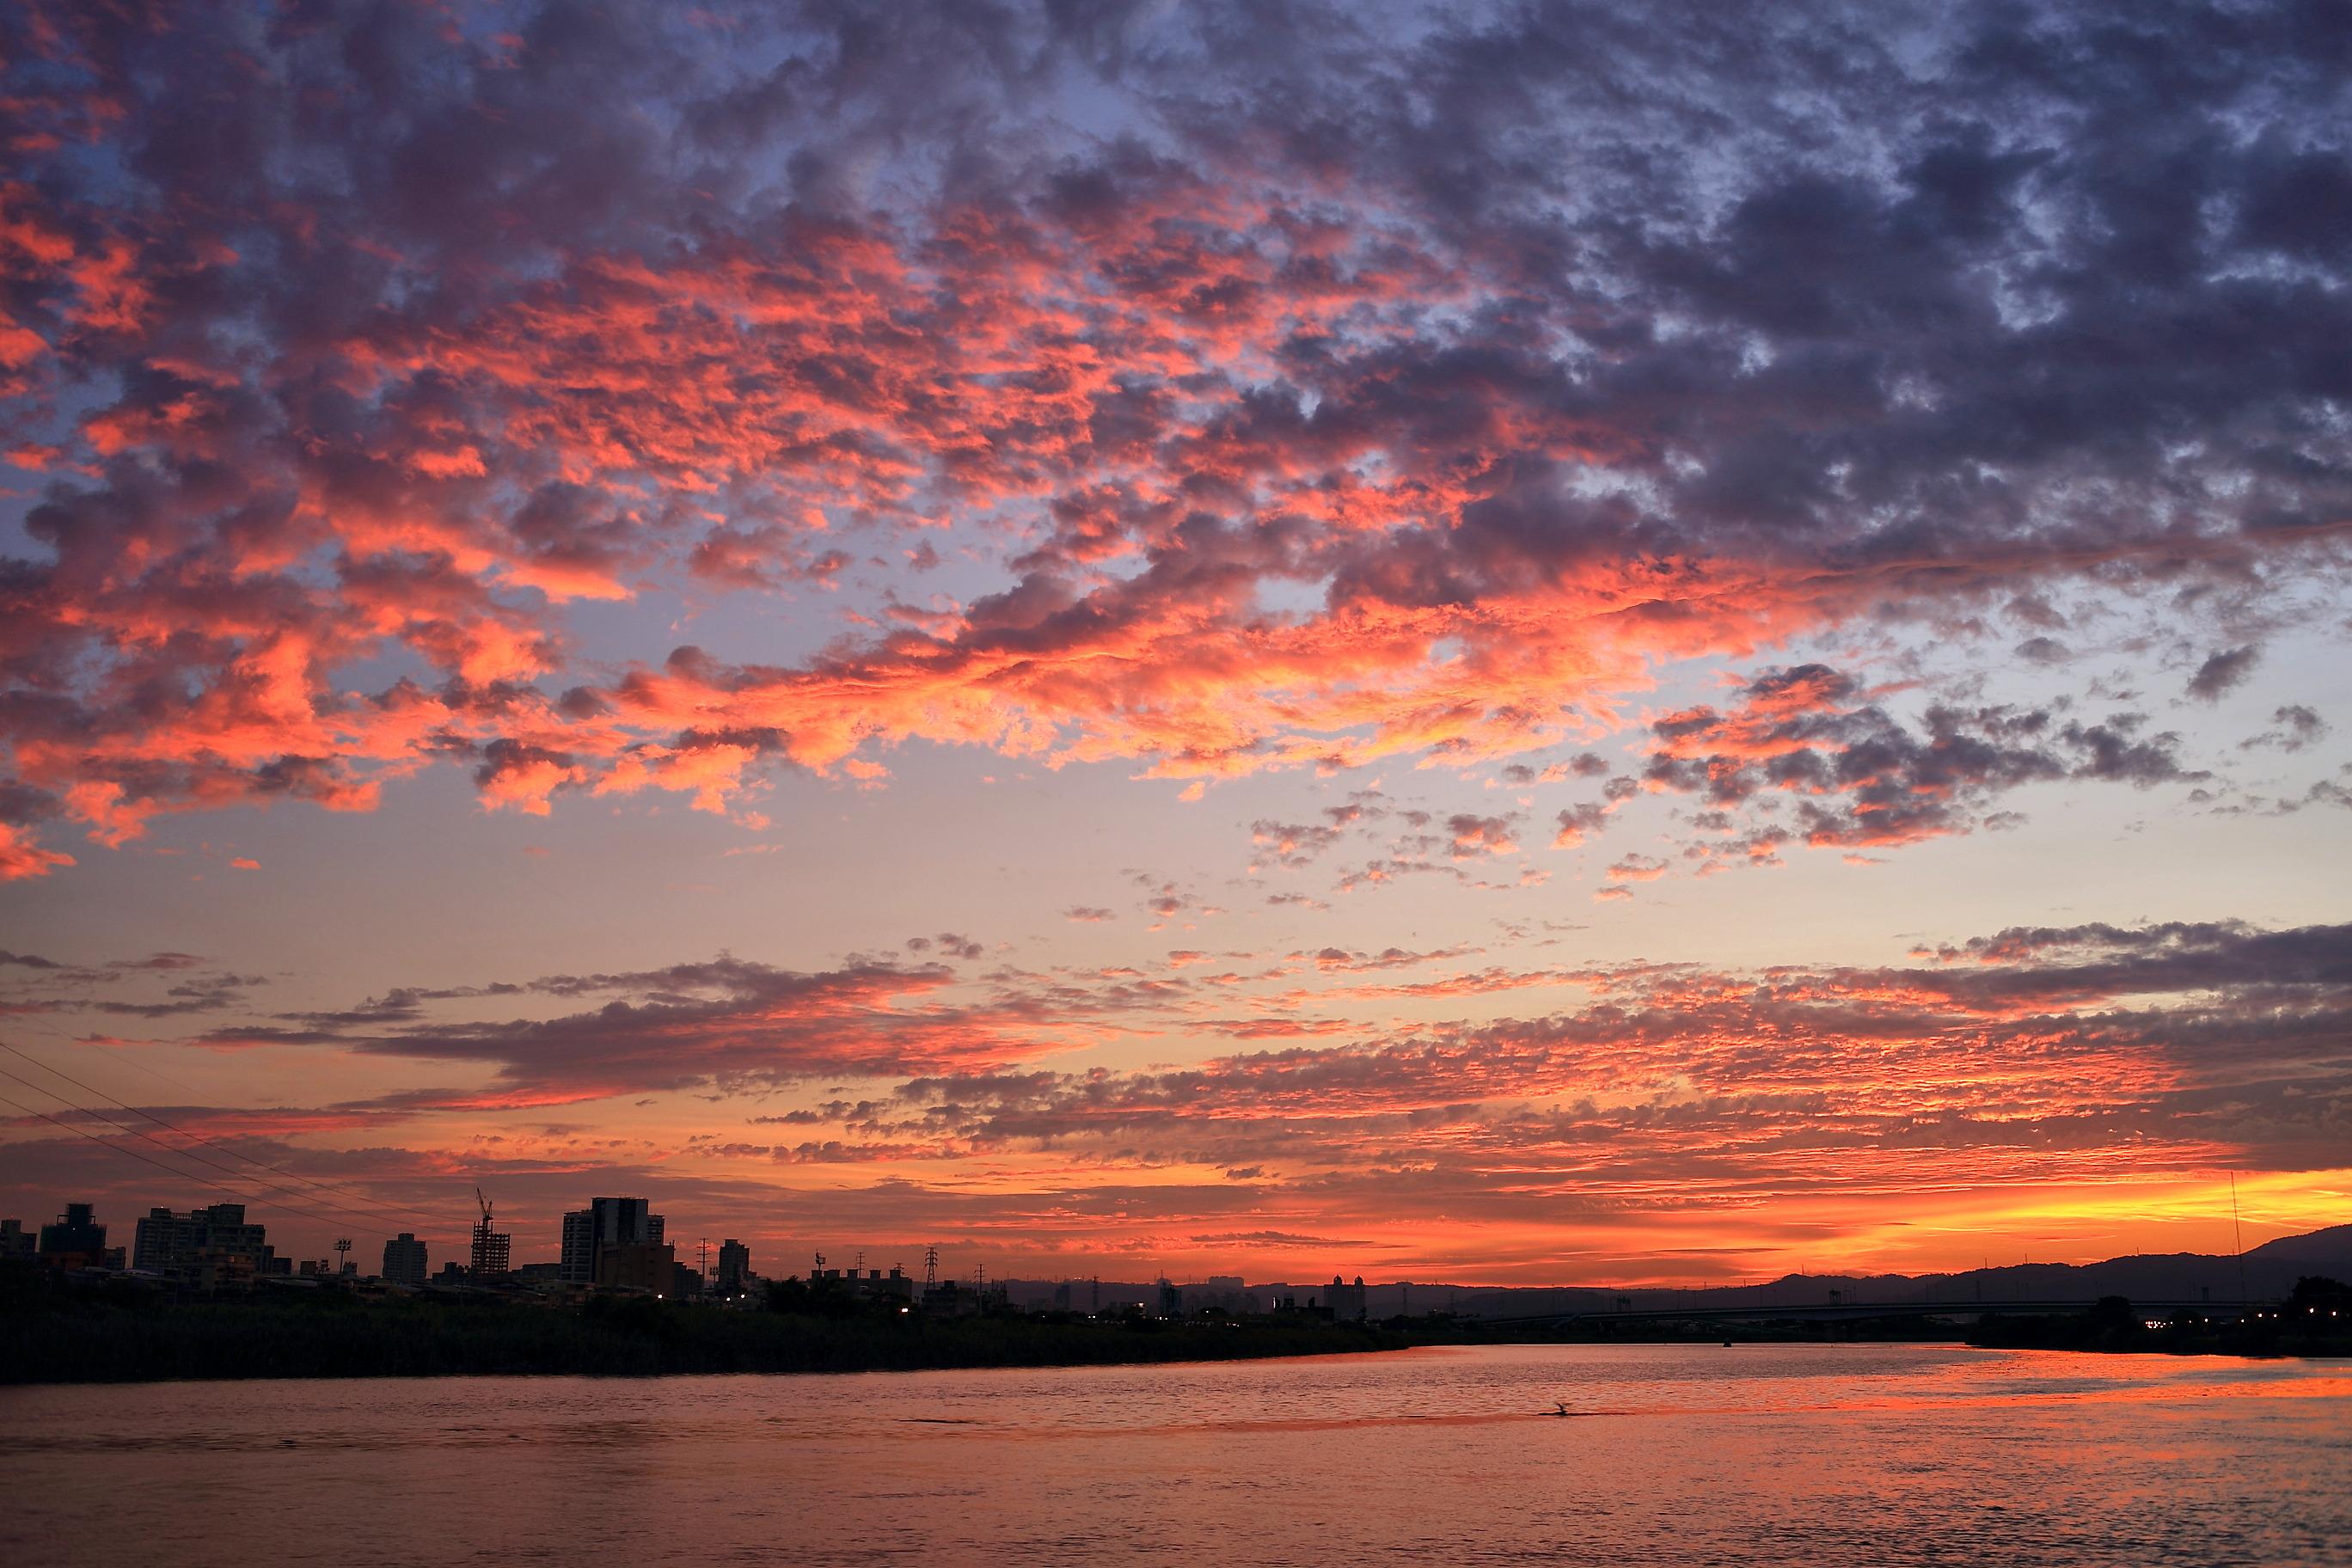 как фотографировать закаты и рассветы заинтересовались многие